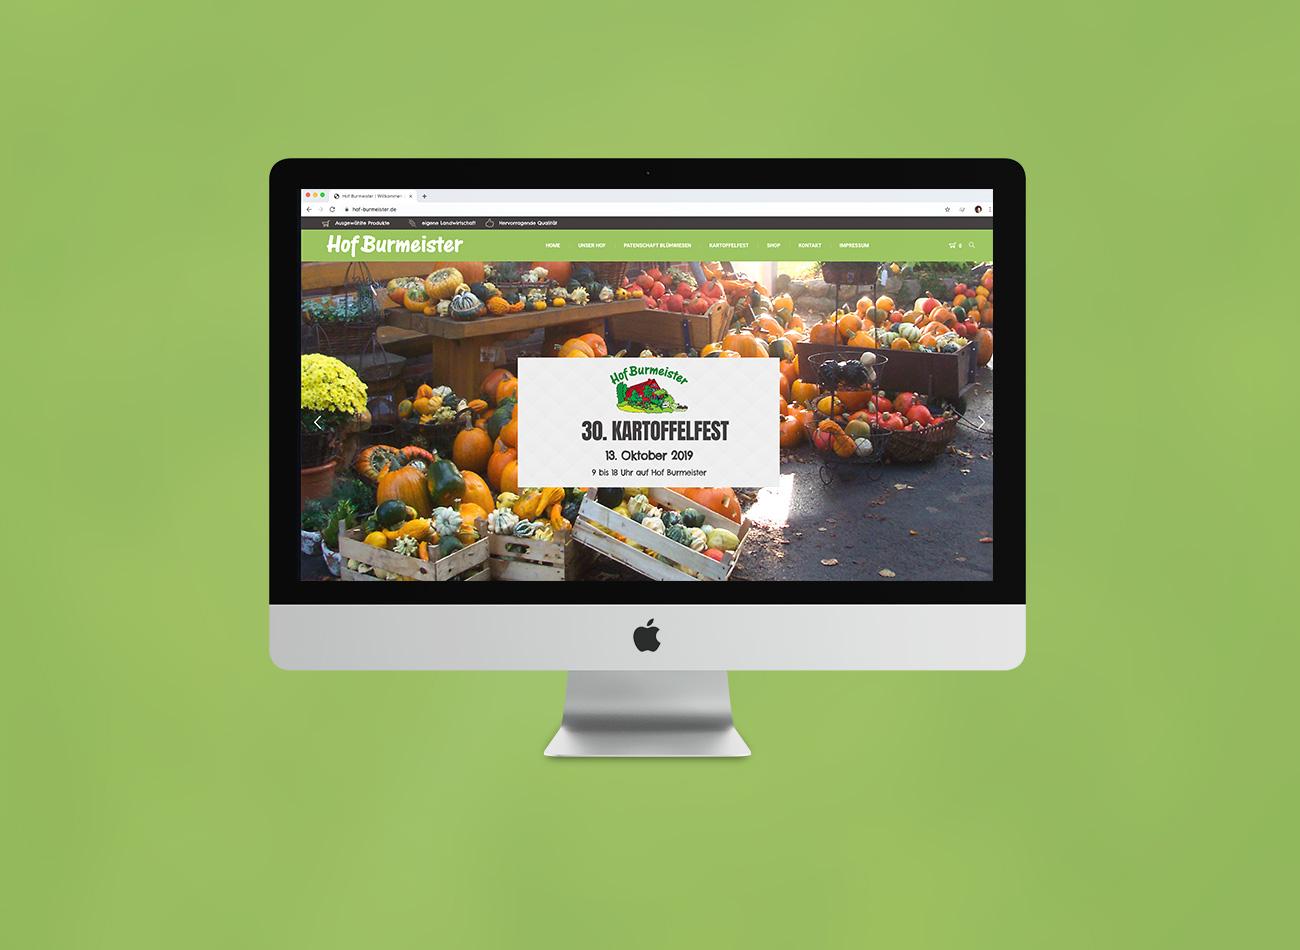 Hof Burmeister | Webseite & Shop